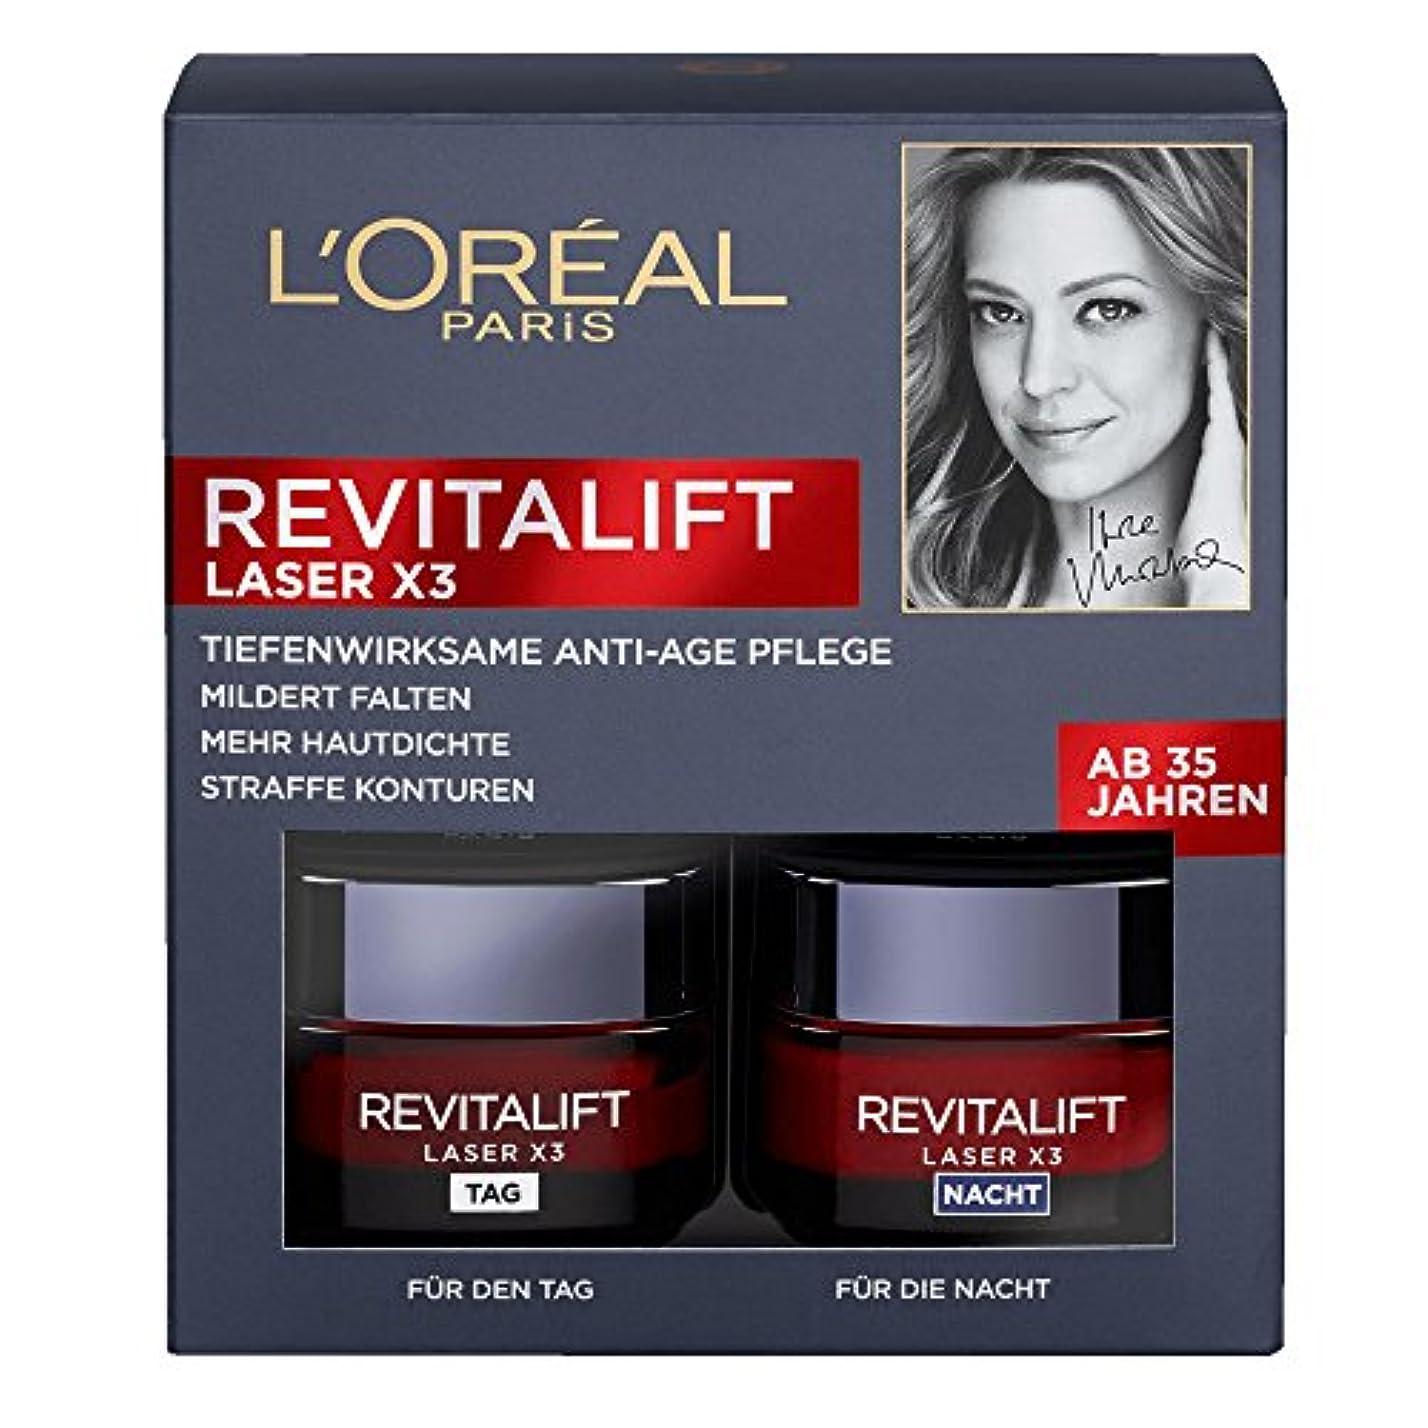 アルコール餌学期ロレアル パリ リバイタリフト レーザーX3 ナイトクリームマスク L'Oreal Revitalift Laser Anti-Age LaserX3 Night Cream+Day Cream Set [並行輸入品]